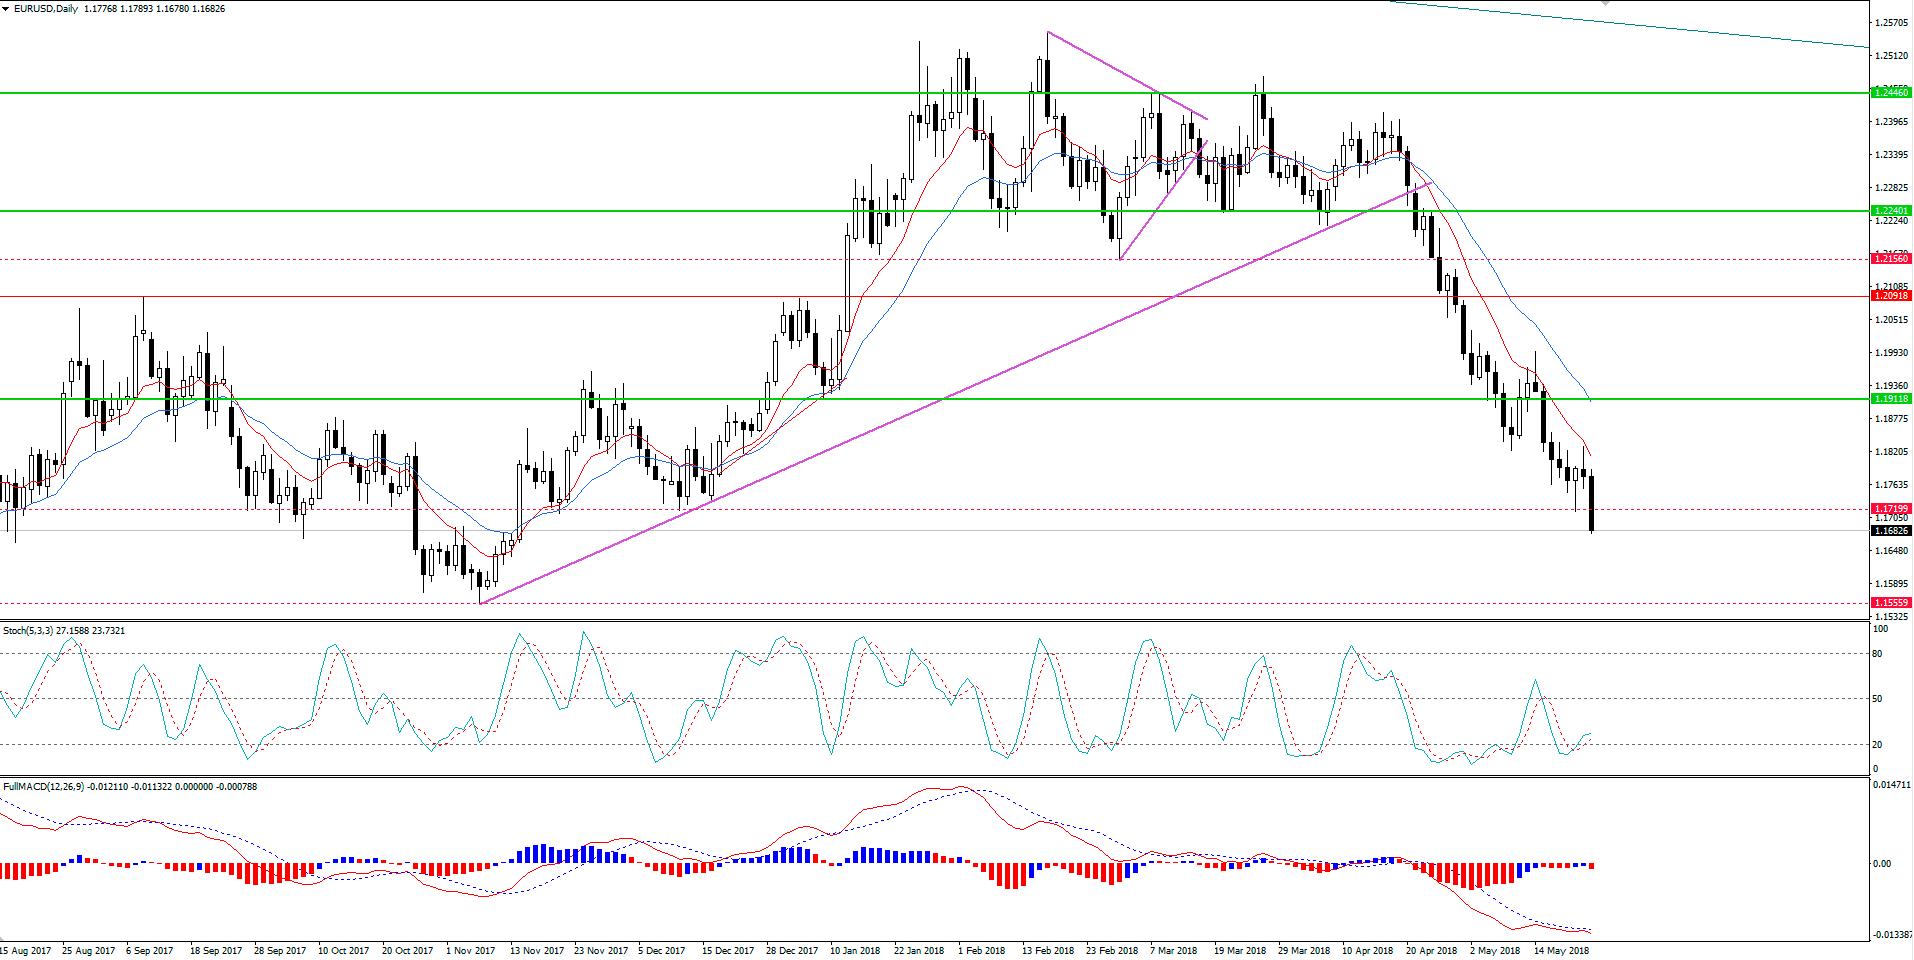 EUR/USD Em Continuação de Tendência Bearish